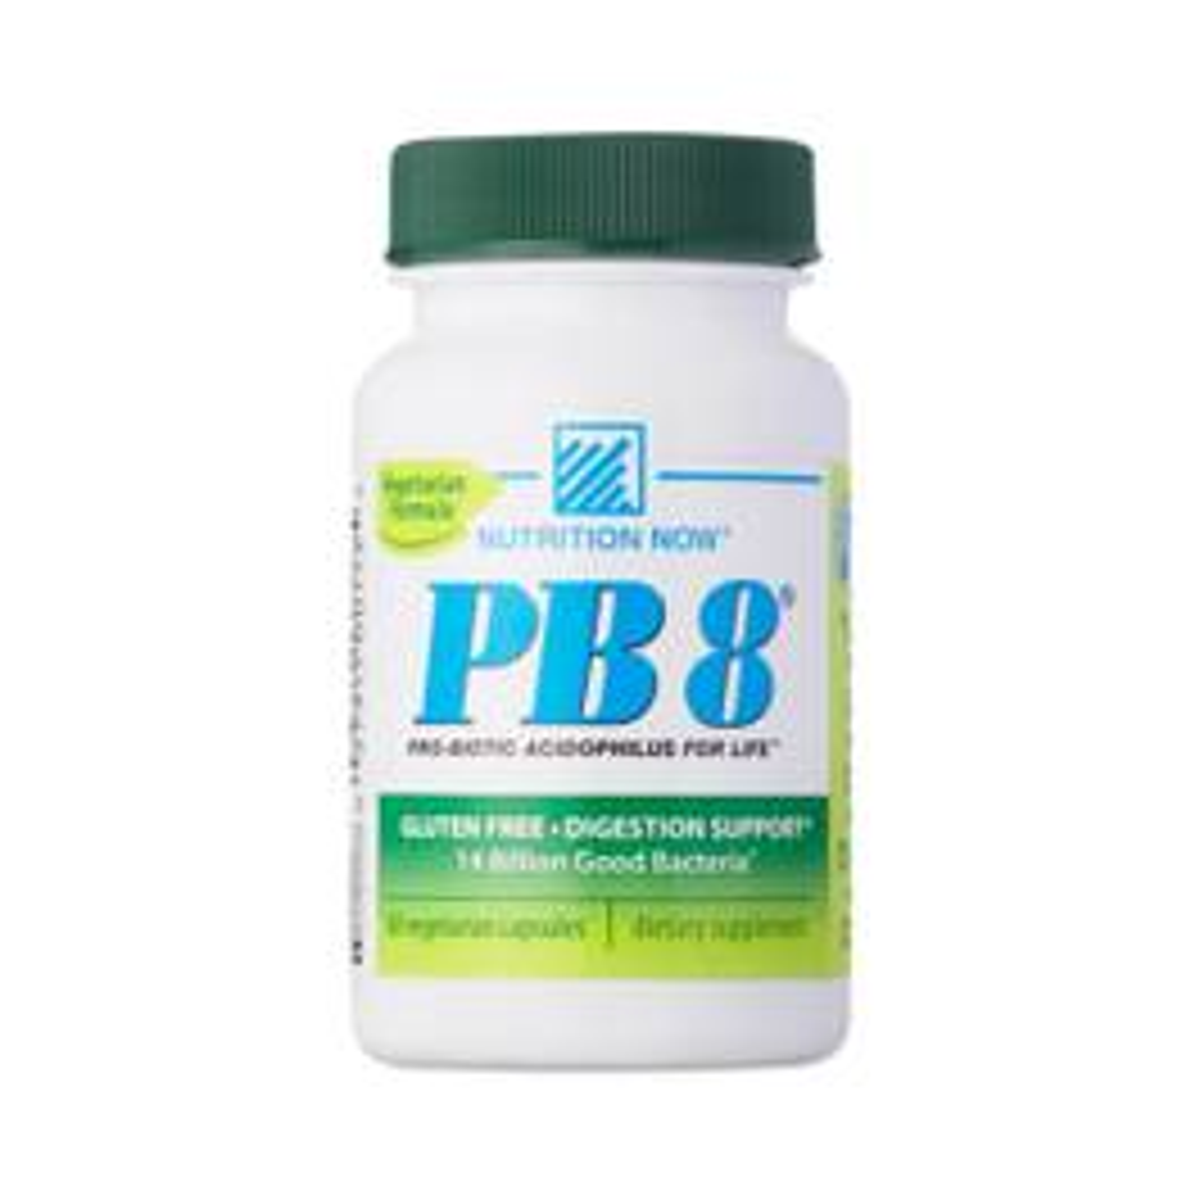 PB 8 Pro-Biotic Vegetarian Acidophilus